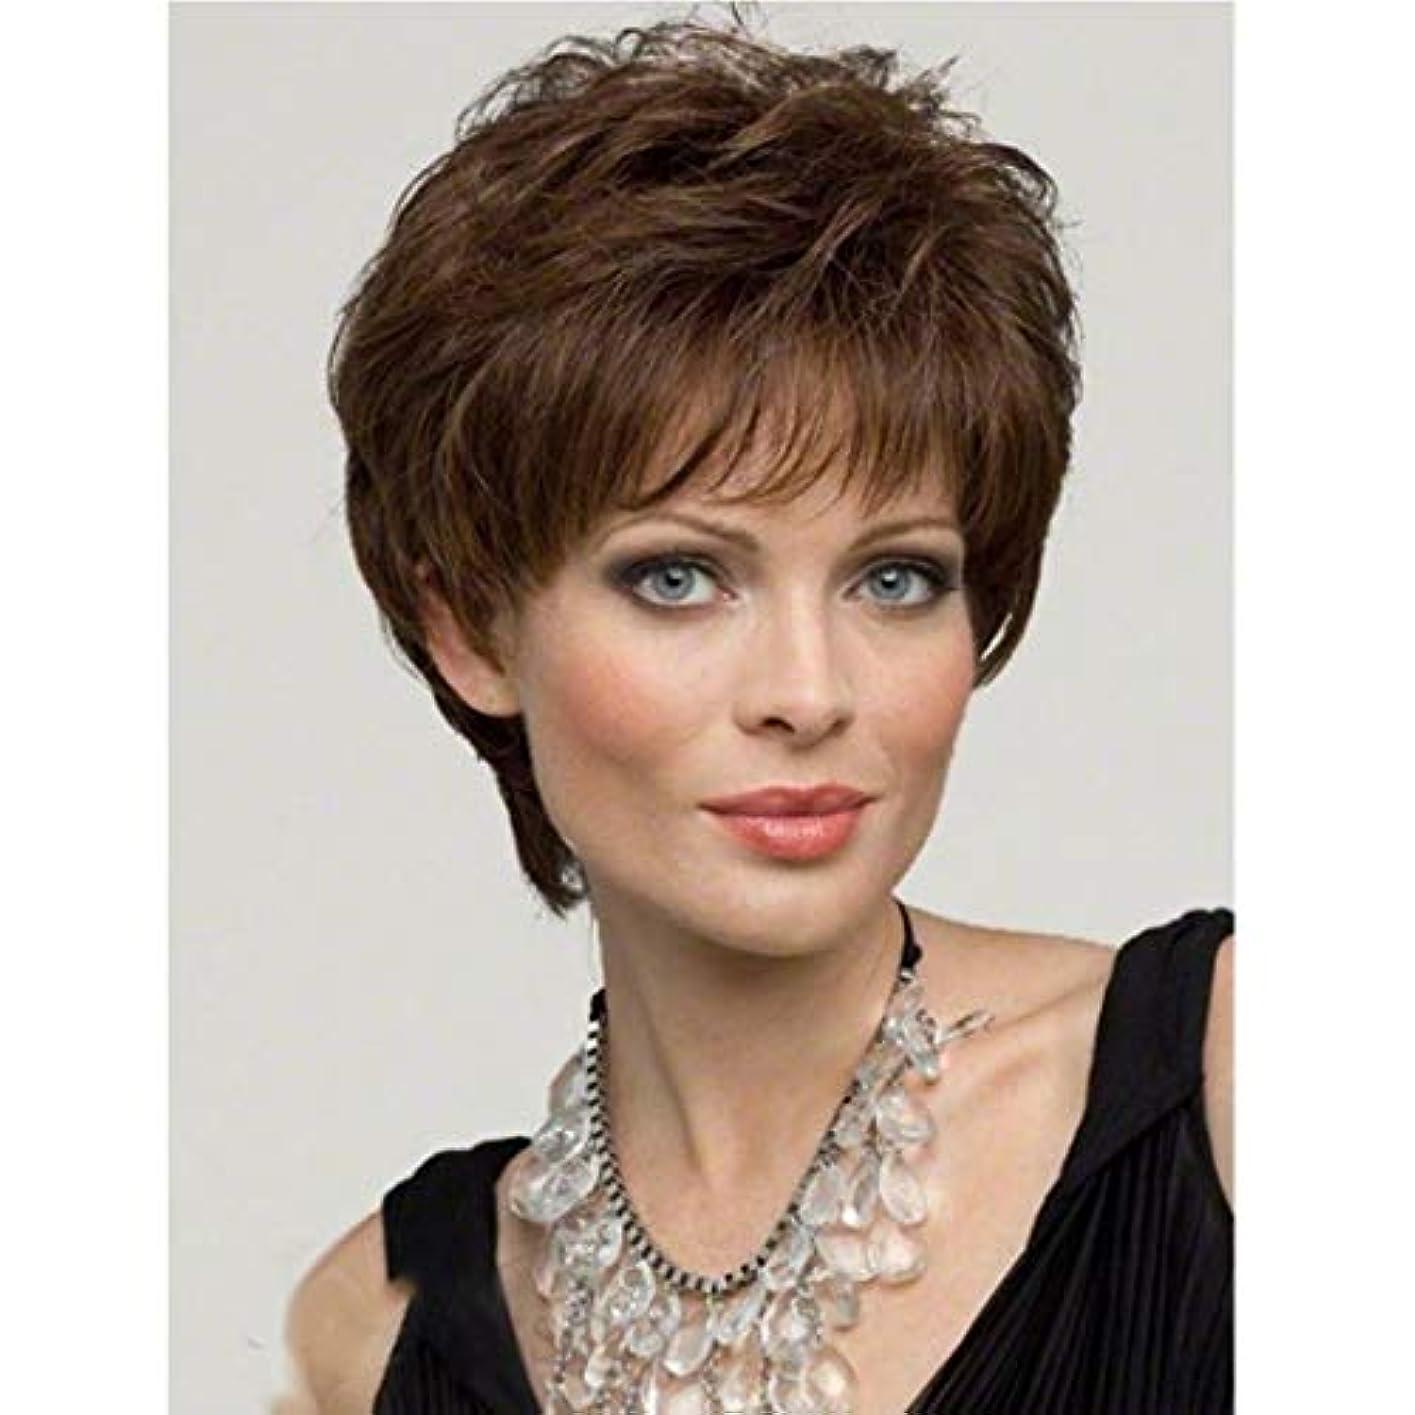 タンカーひらめき事前にKerwinner 女性のための茶色のかつら短い巻き毛のかつら合成完全女性のかつら